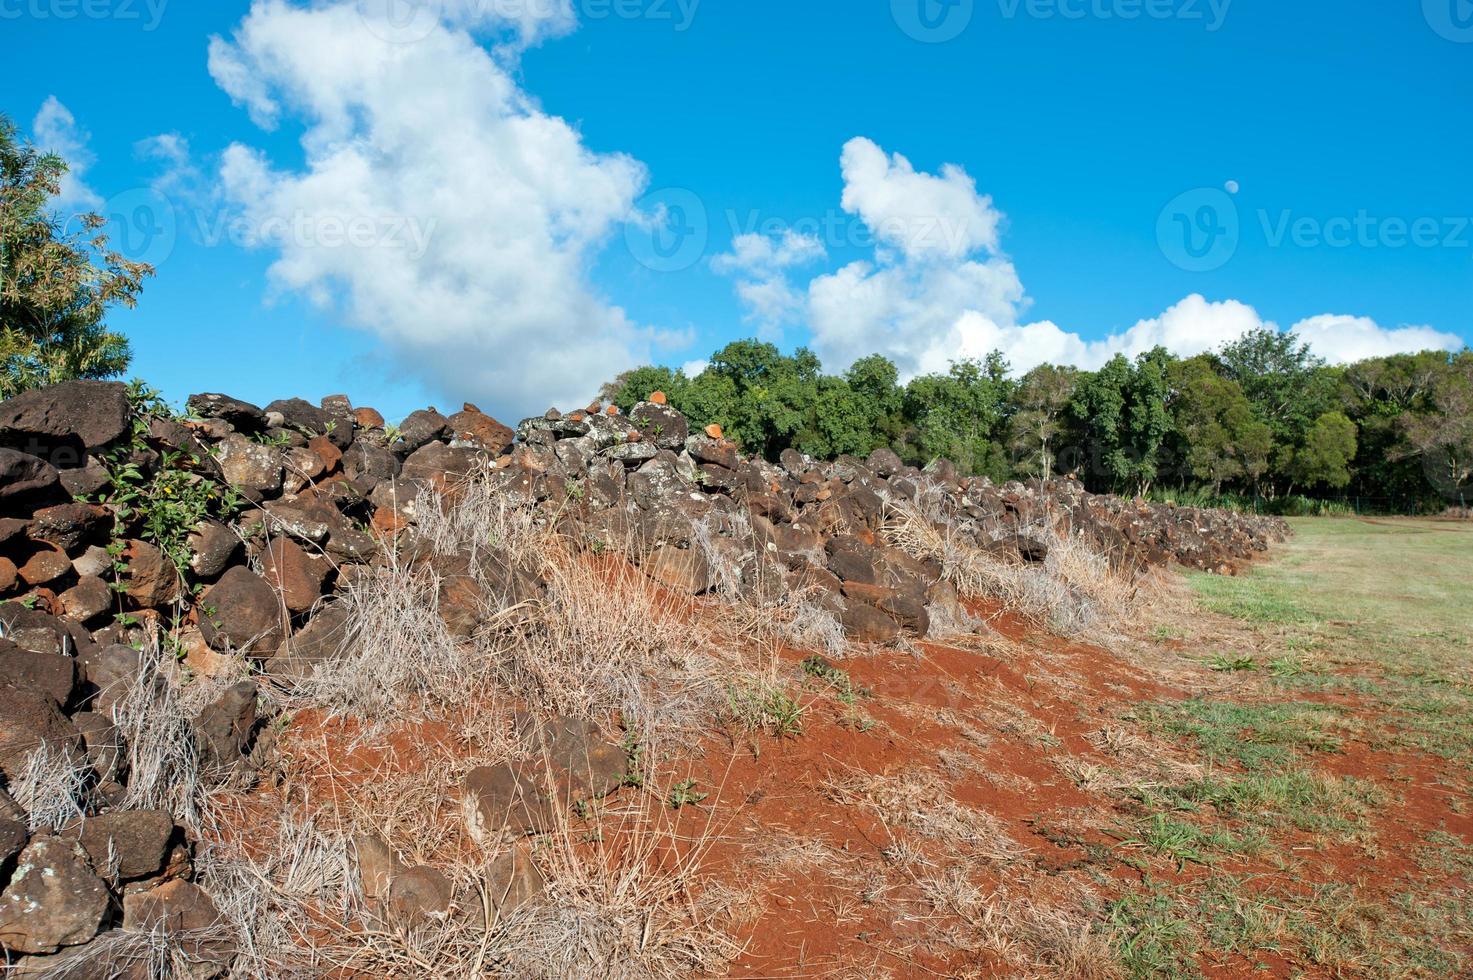 pu'u o mahuka heiau, heilige plaats op oahu, hawaii foto